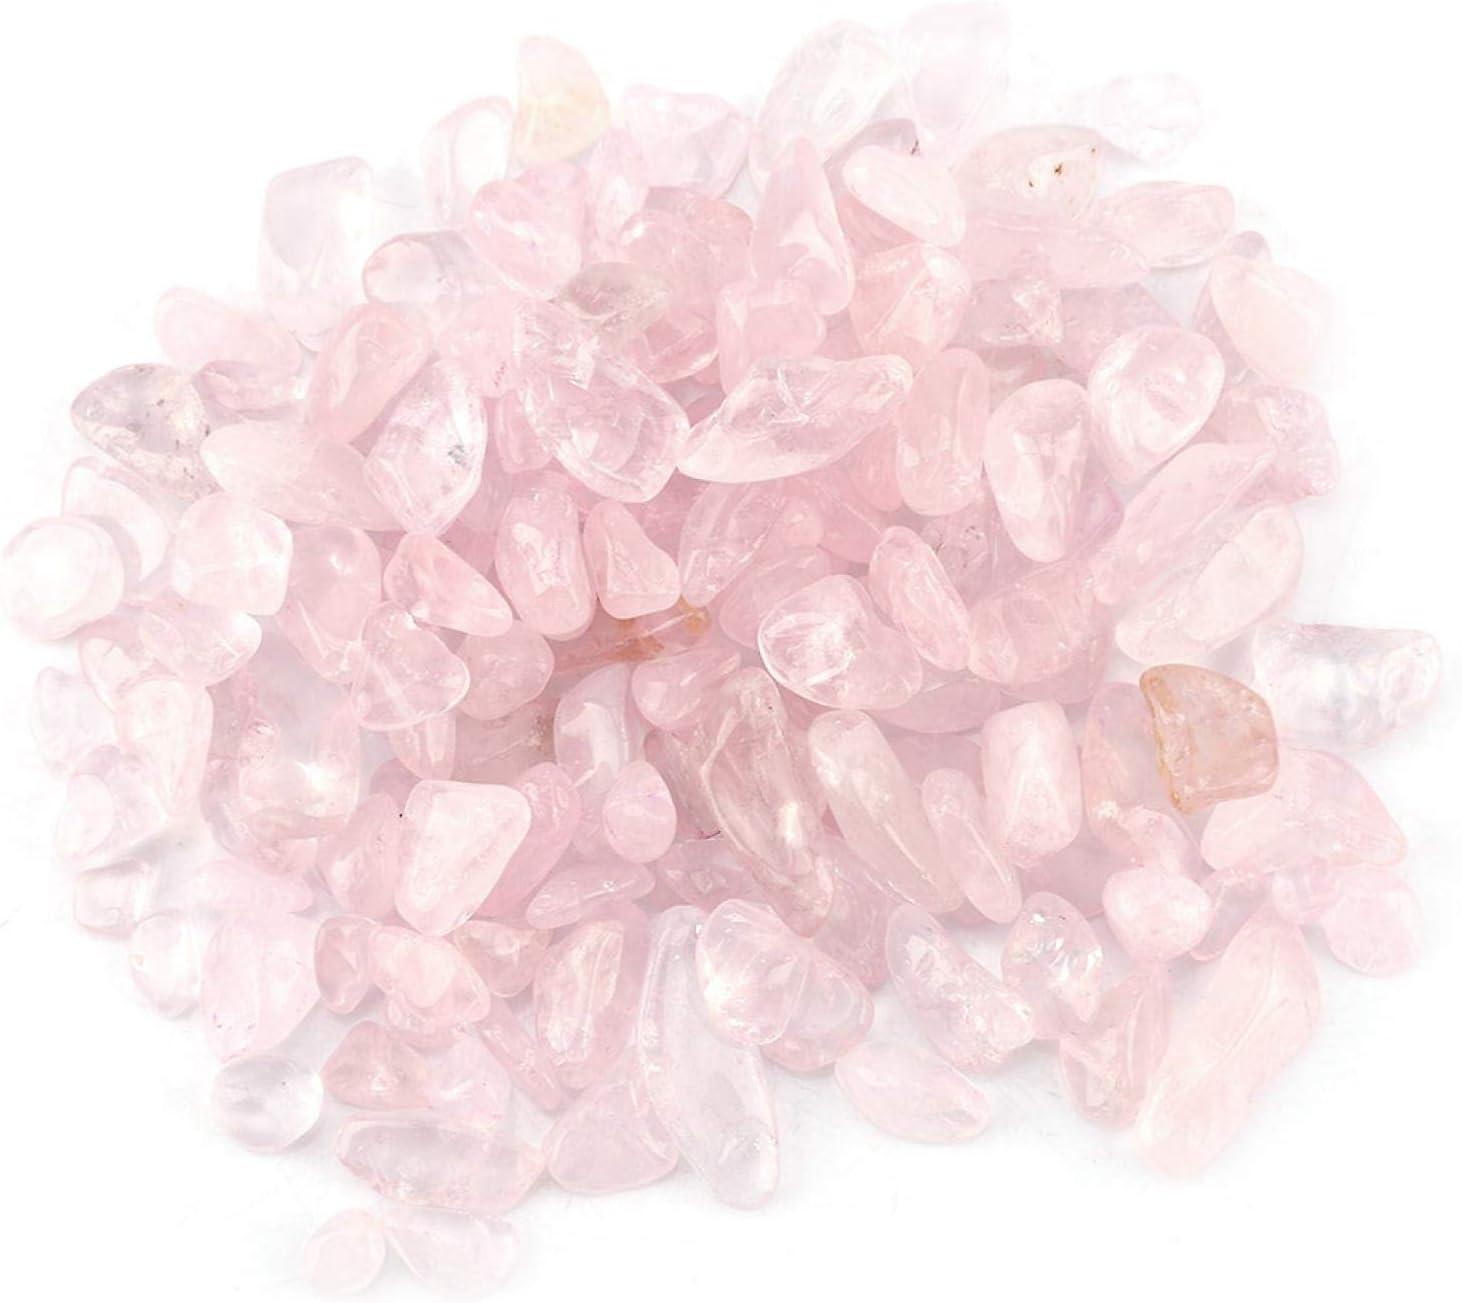 fuwinkr Piedras de Cuarzo Virutas caídas Piedra de Cristal de energía Piedra triturada Cristal Natural Piezas de Cuarzo Piedra triturada para pecera/macetas(Rosa)